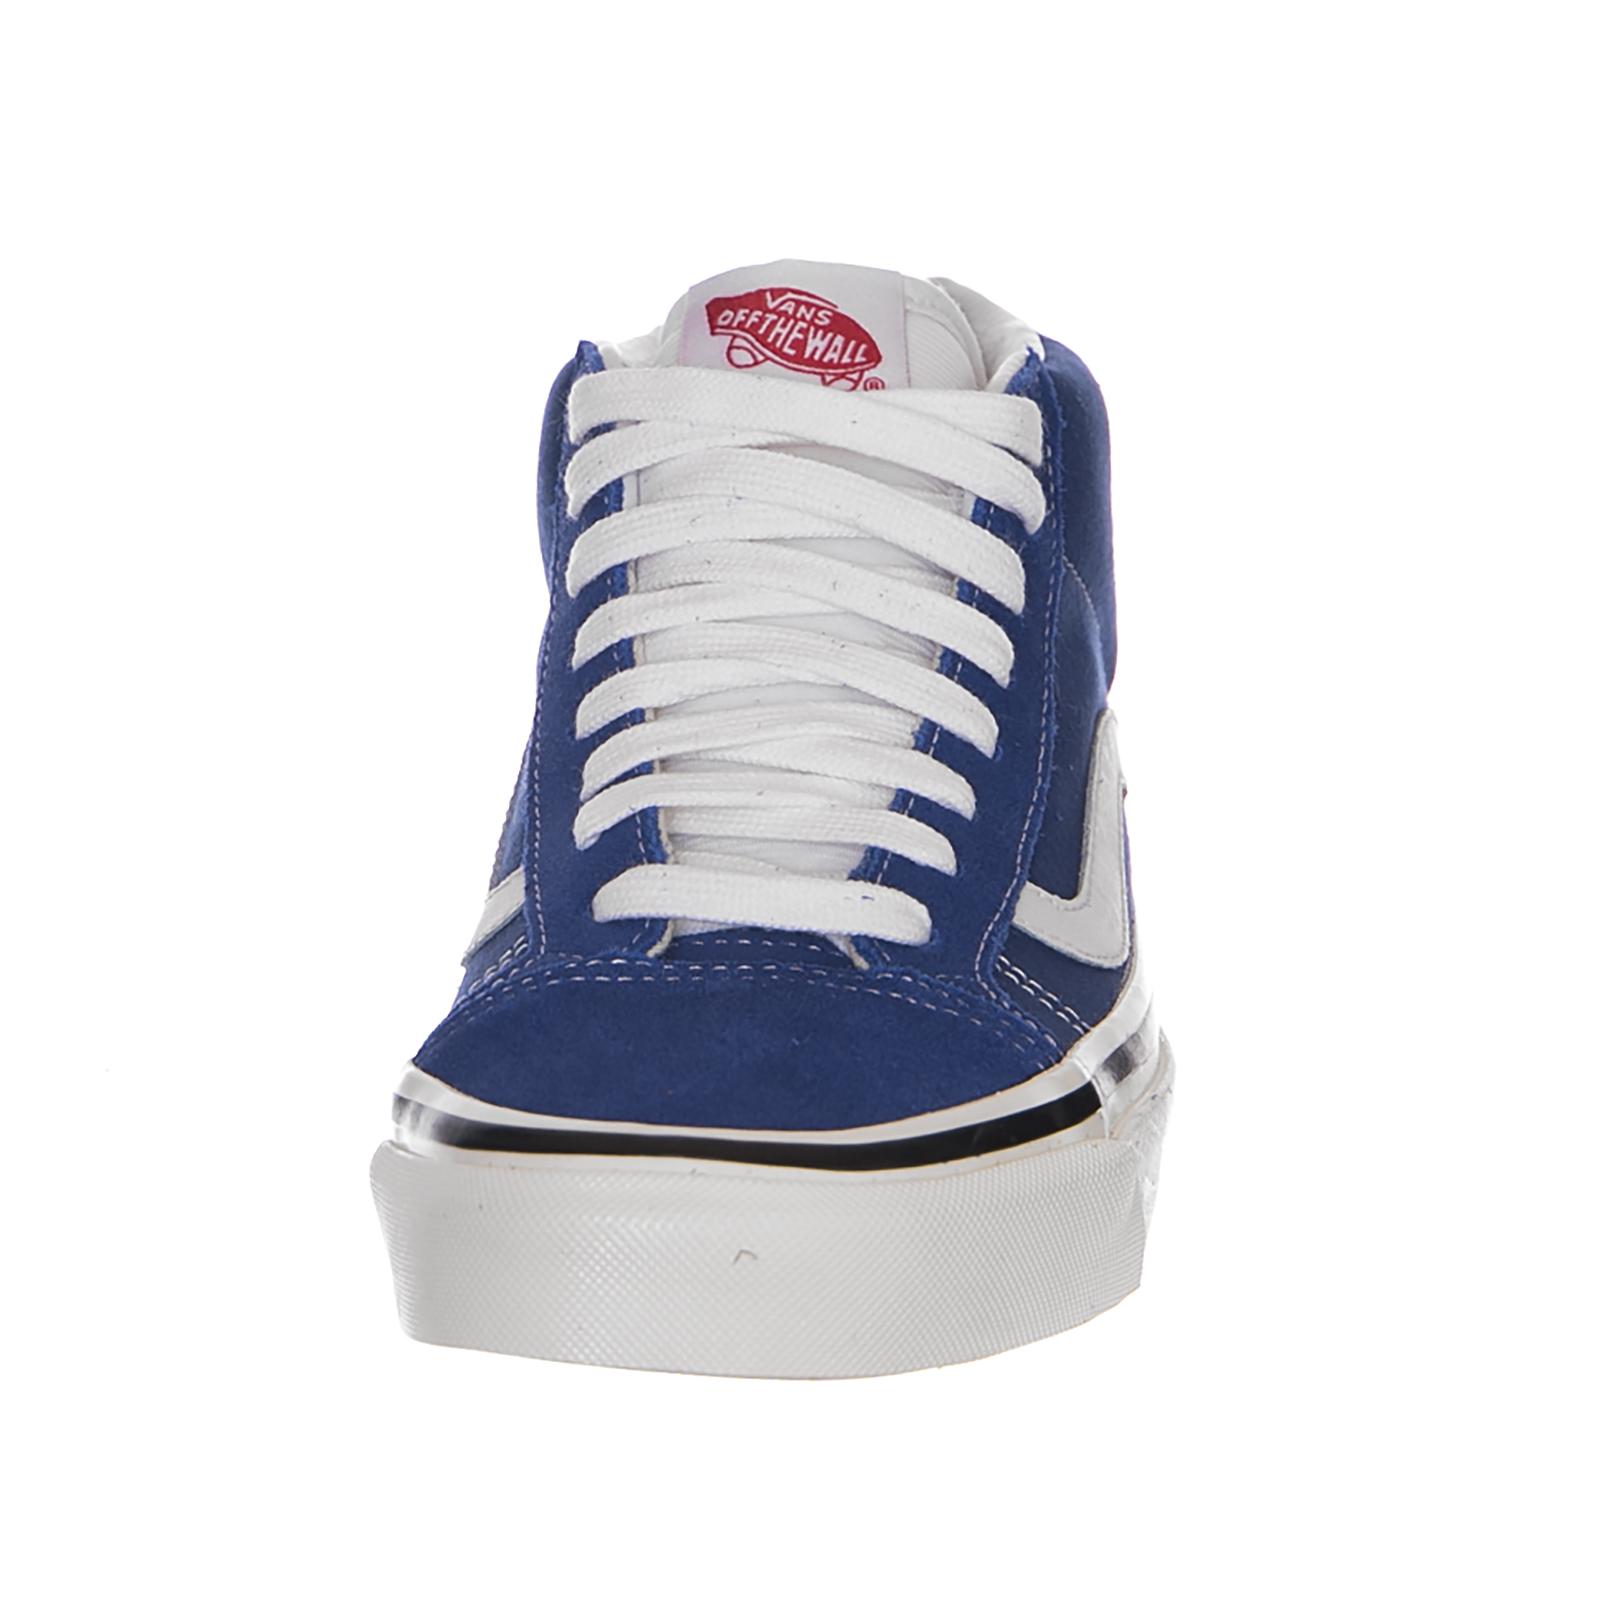 Vans Baskets Milieu / Skool 37 Dx (Anaheim Usine) Bleu / Milieu Blanc bleu 8037af